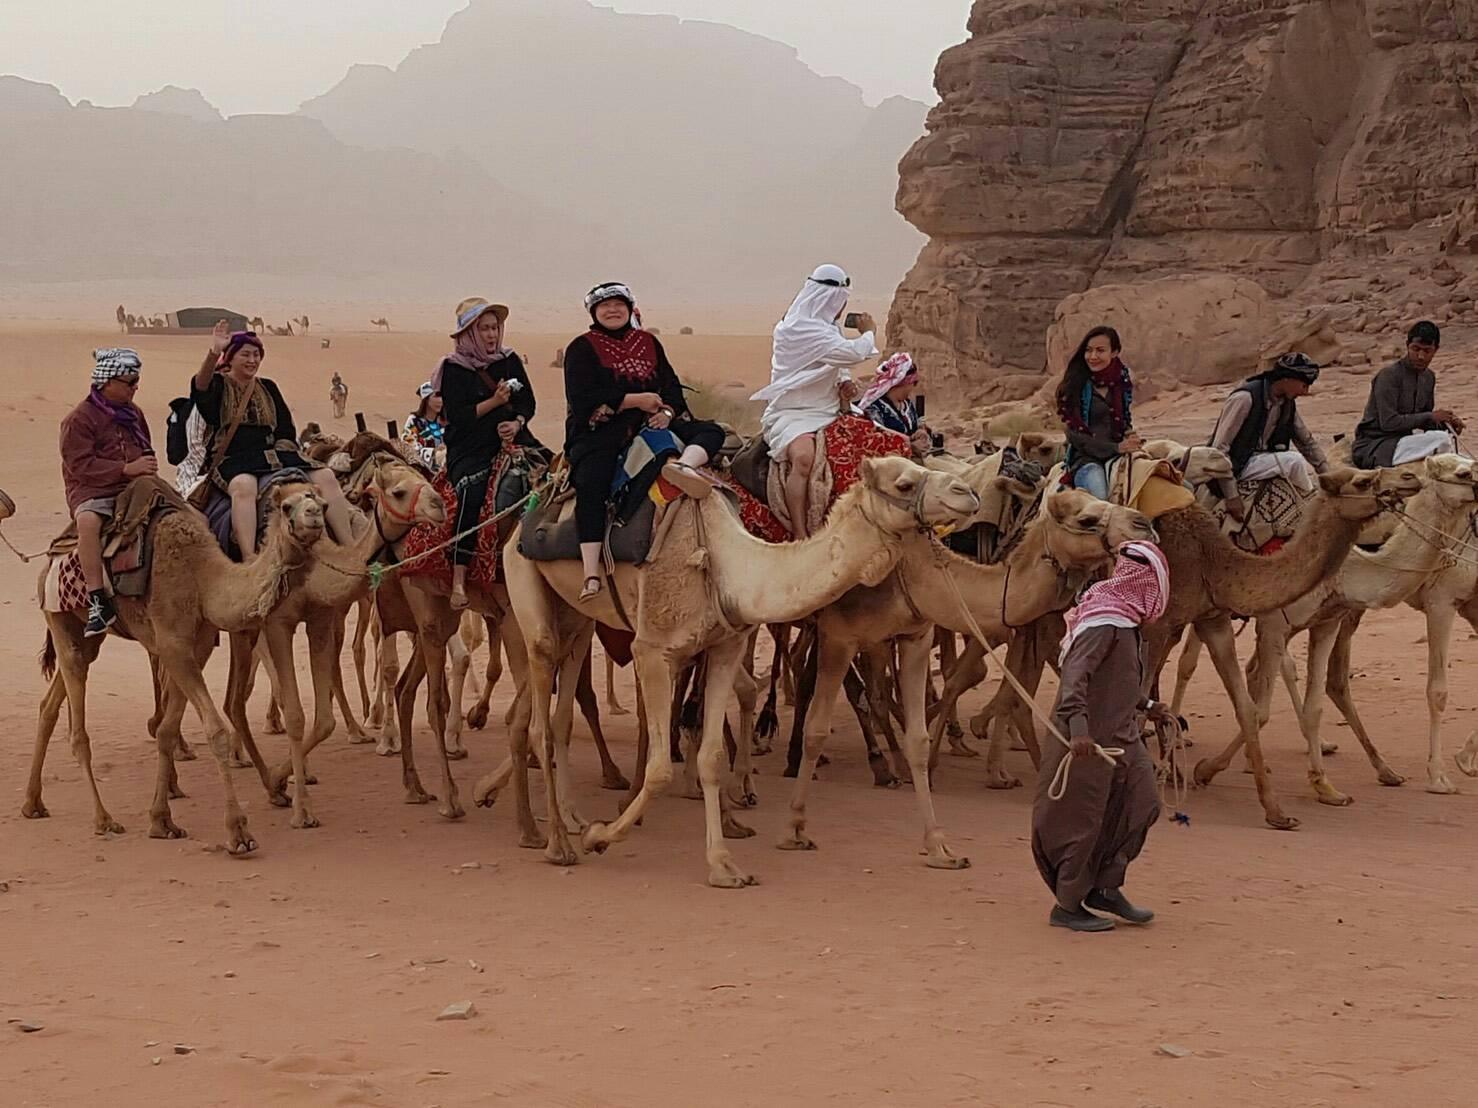 ขี่อูฐ ในทะเลทราย วาดิรัม